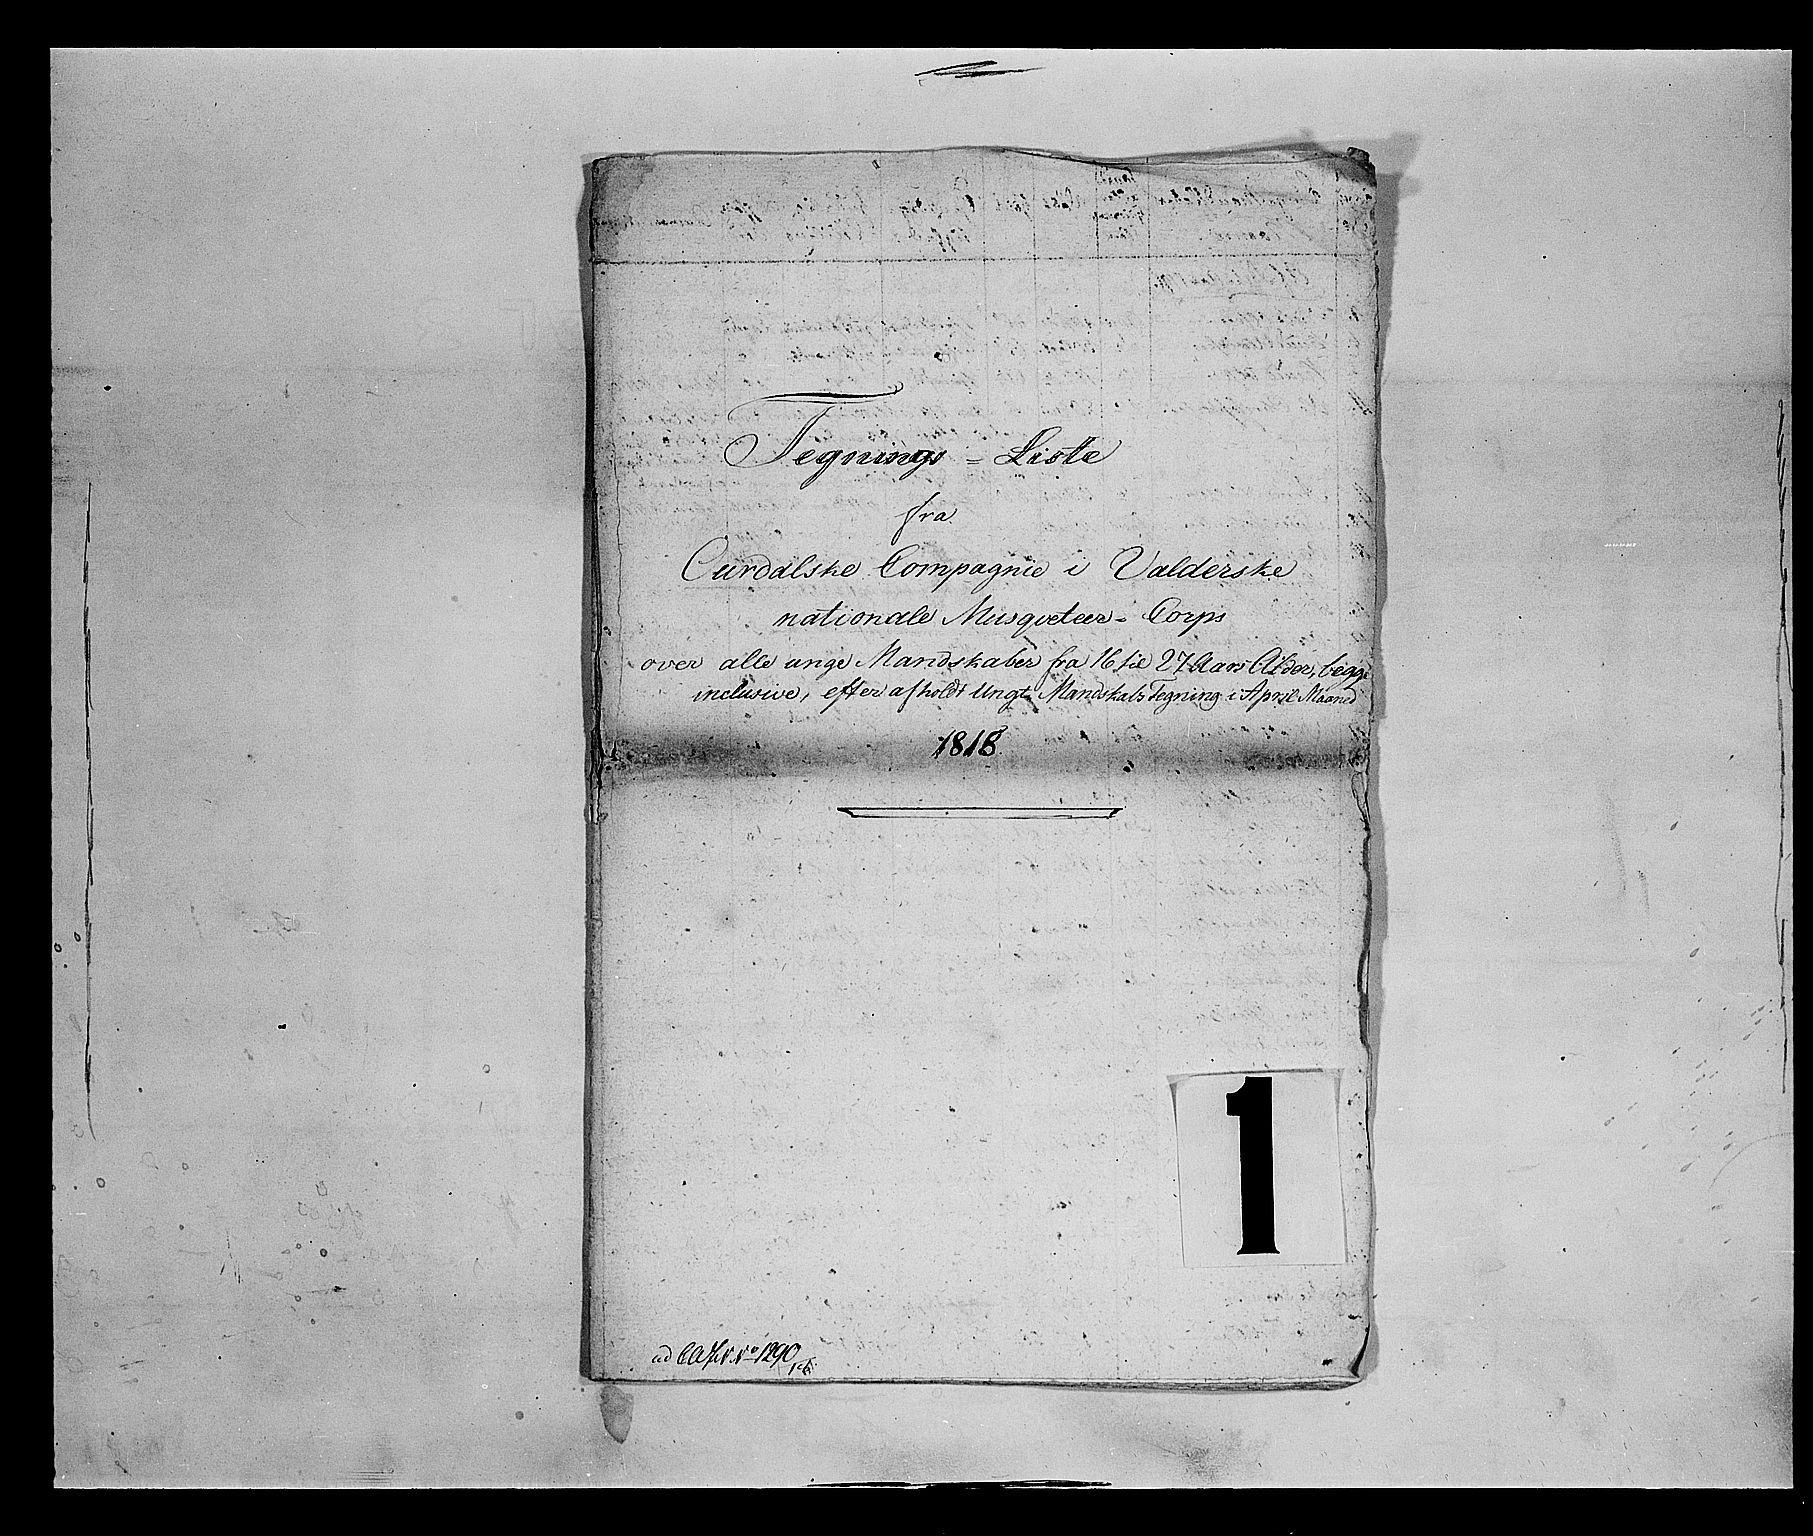 SAH, Fylkesmannen i Oppland, K/Kb/L1159: Valderske nasjonale musketérkorps - Aurdalske kompani, 1818-1860, s. 2